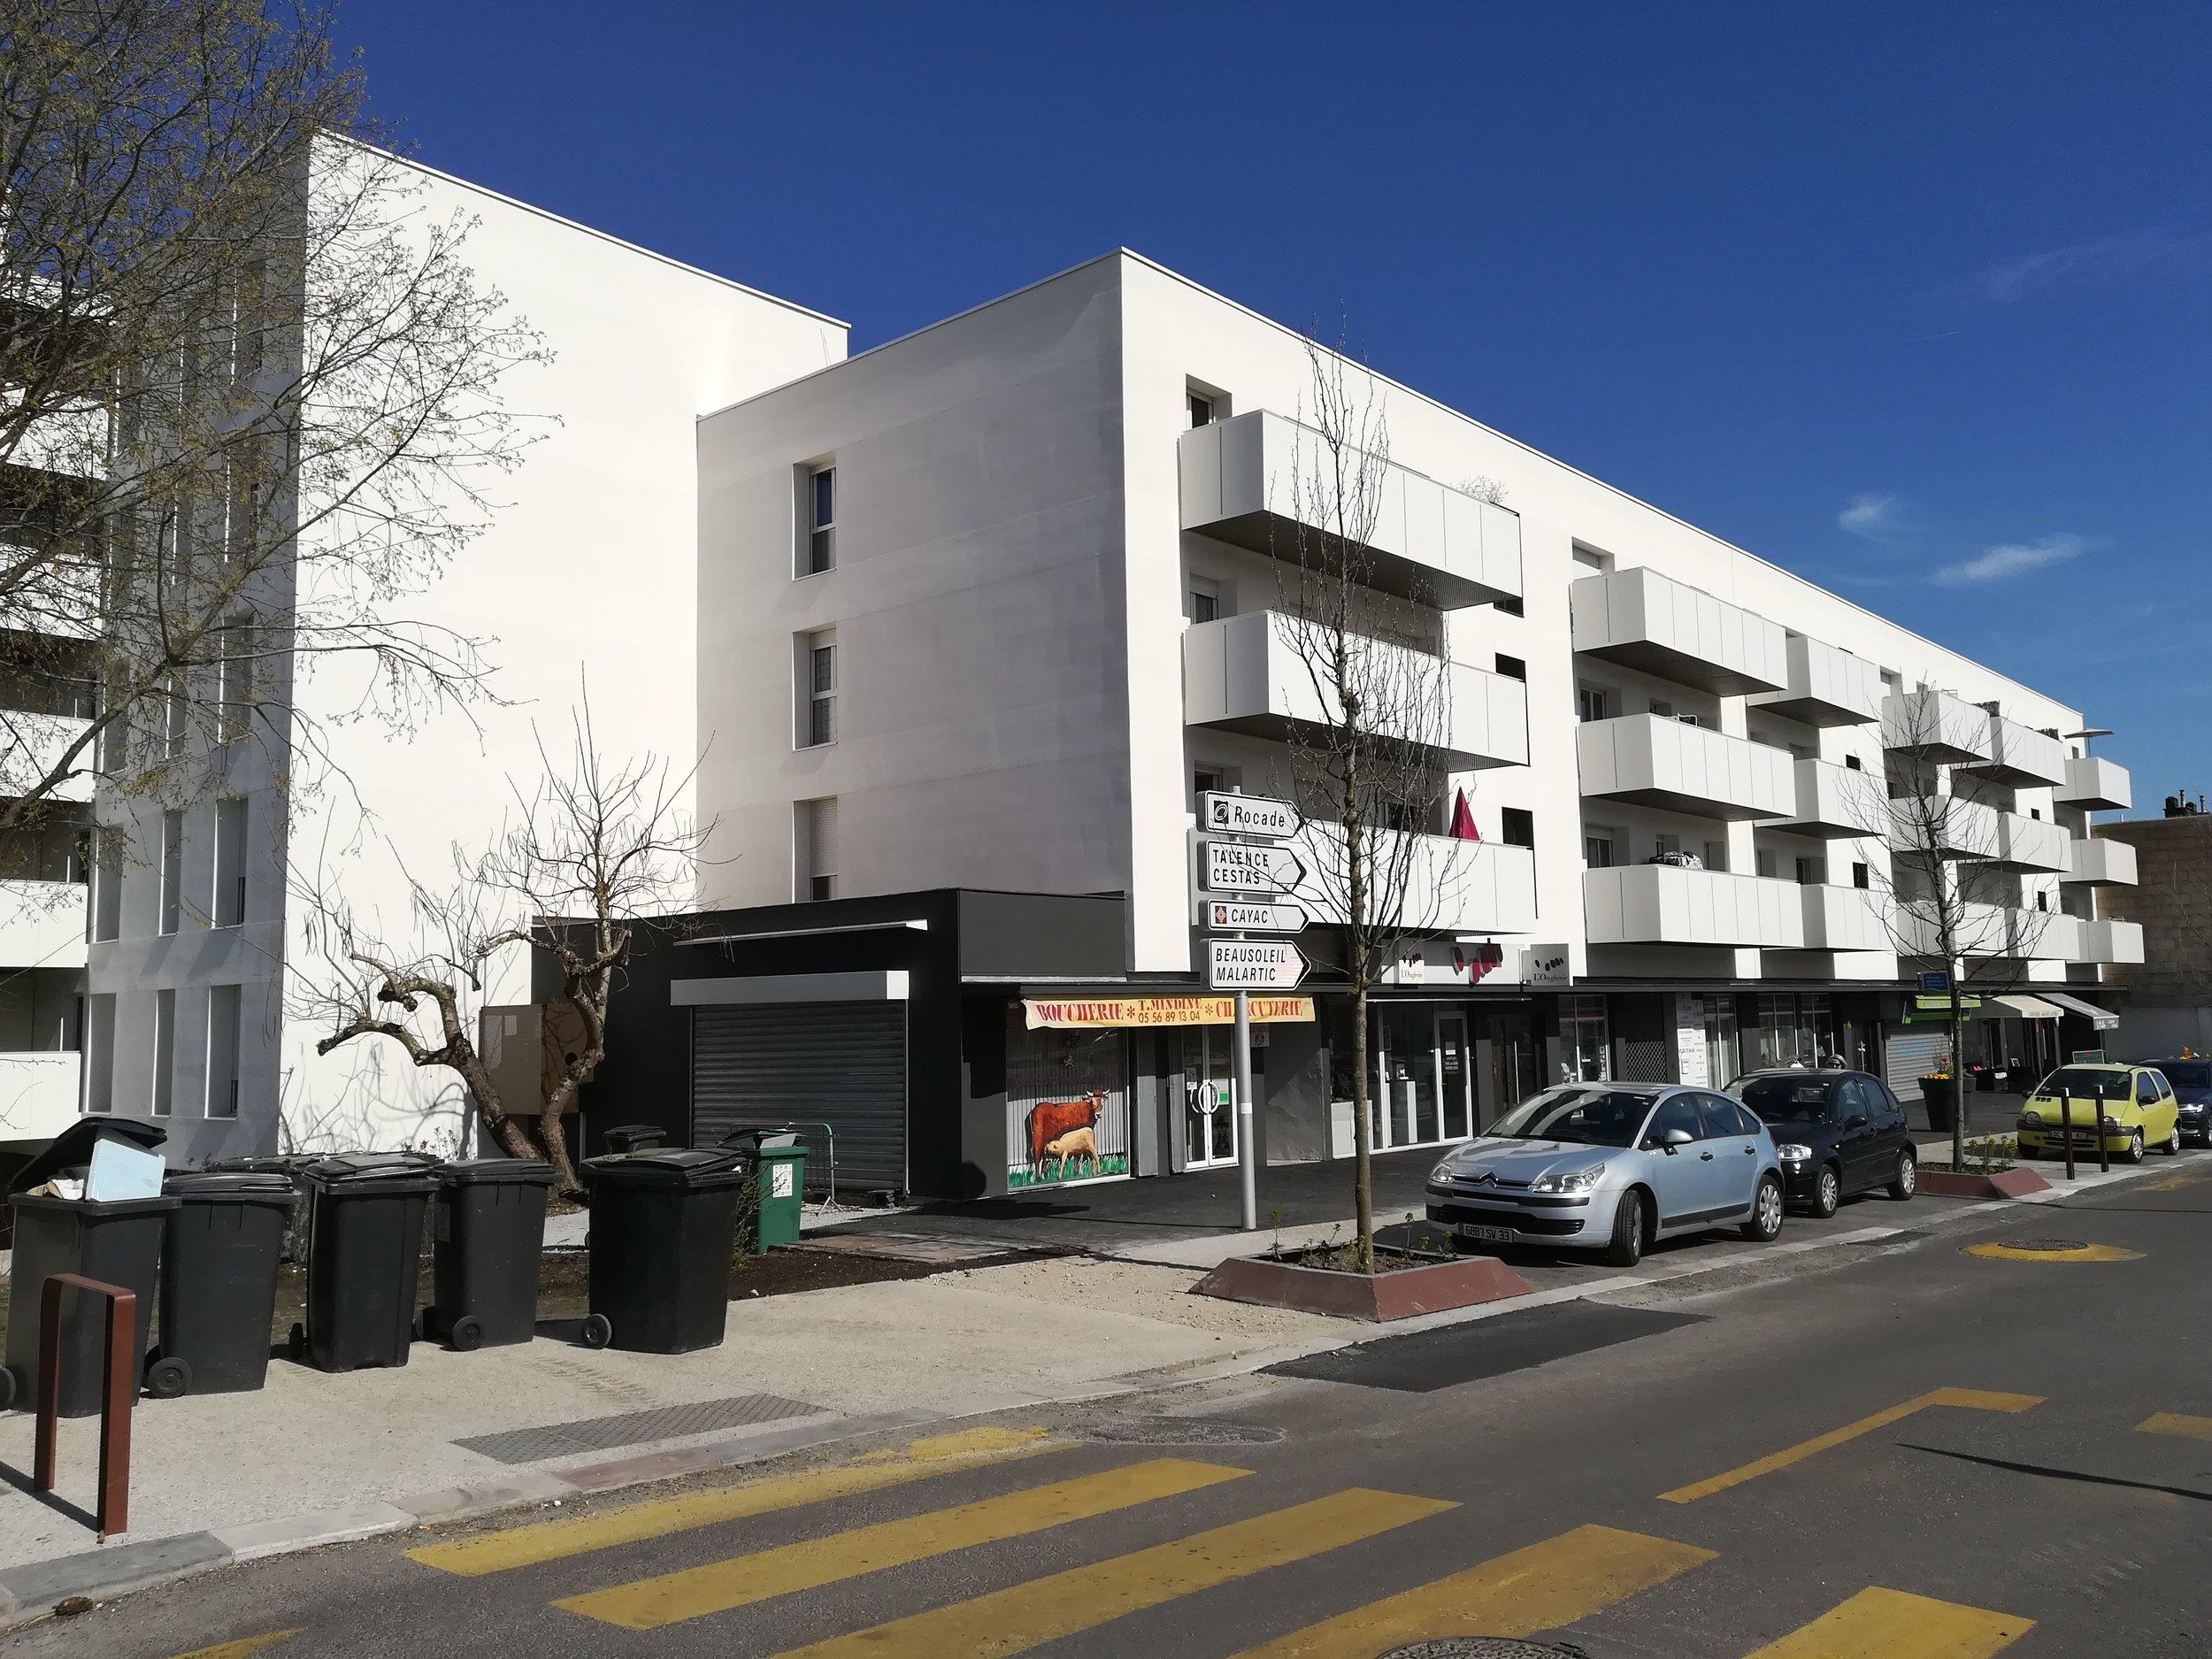 Nouvelle façade urbaine et création de balcons. Photographie du projet réalisé (prise en Mars 2019)